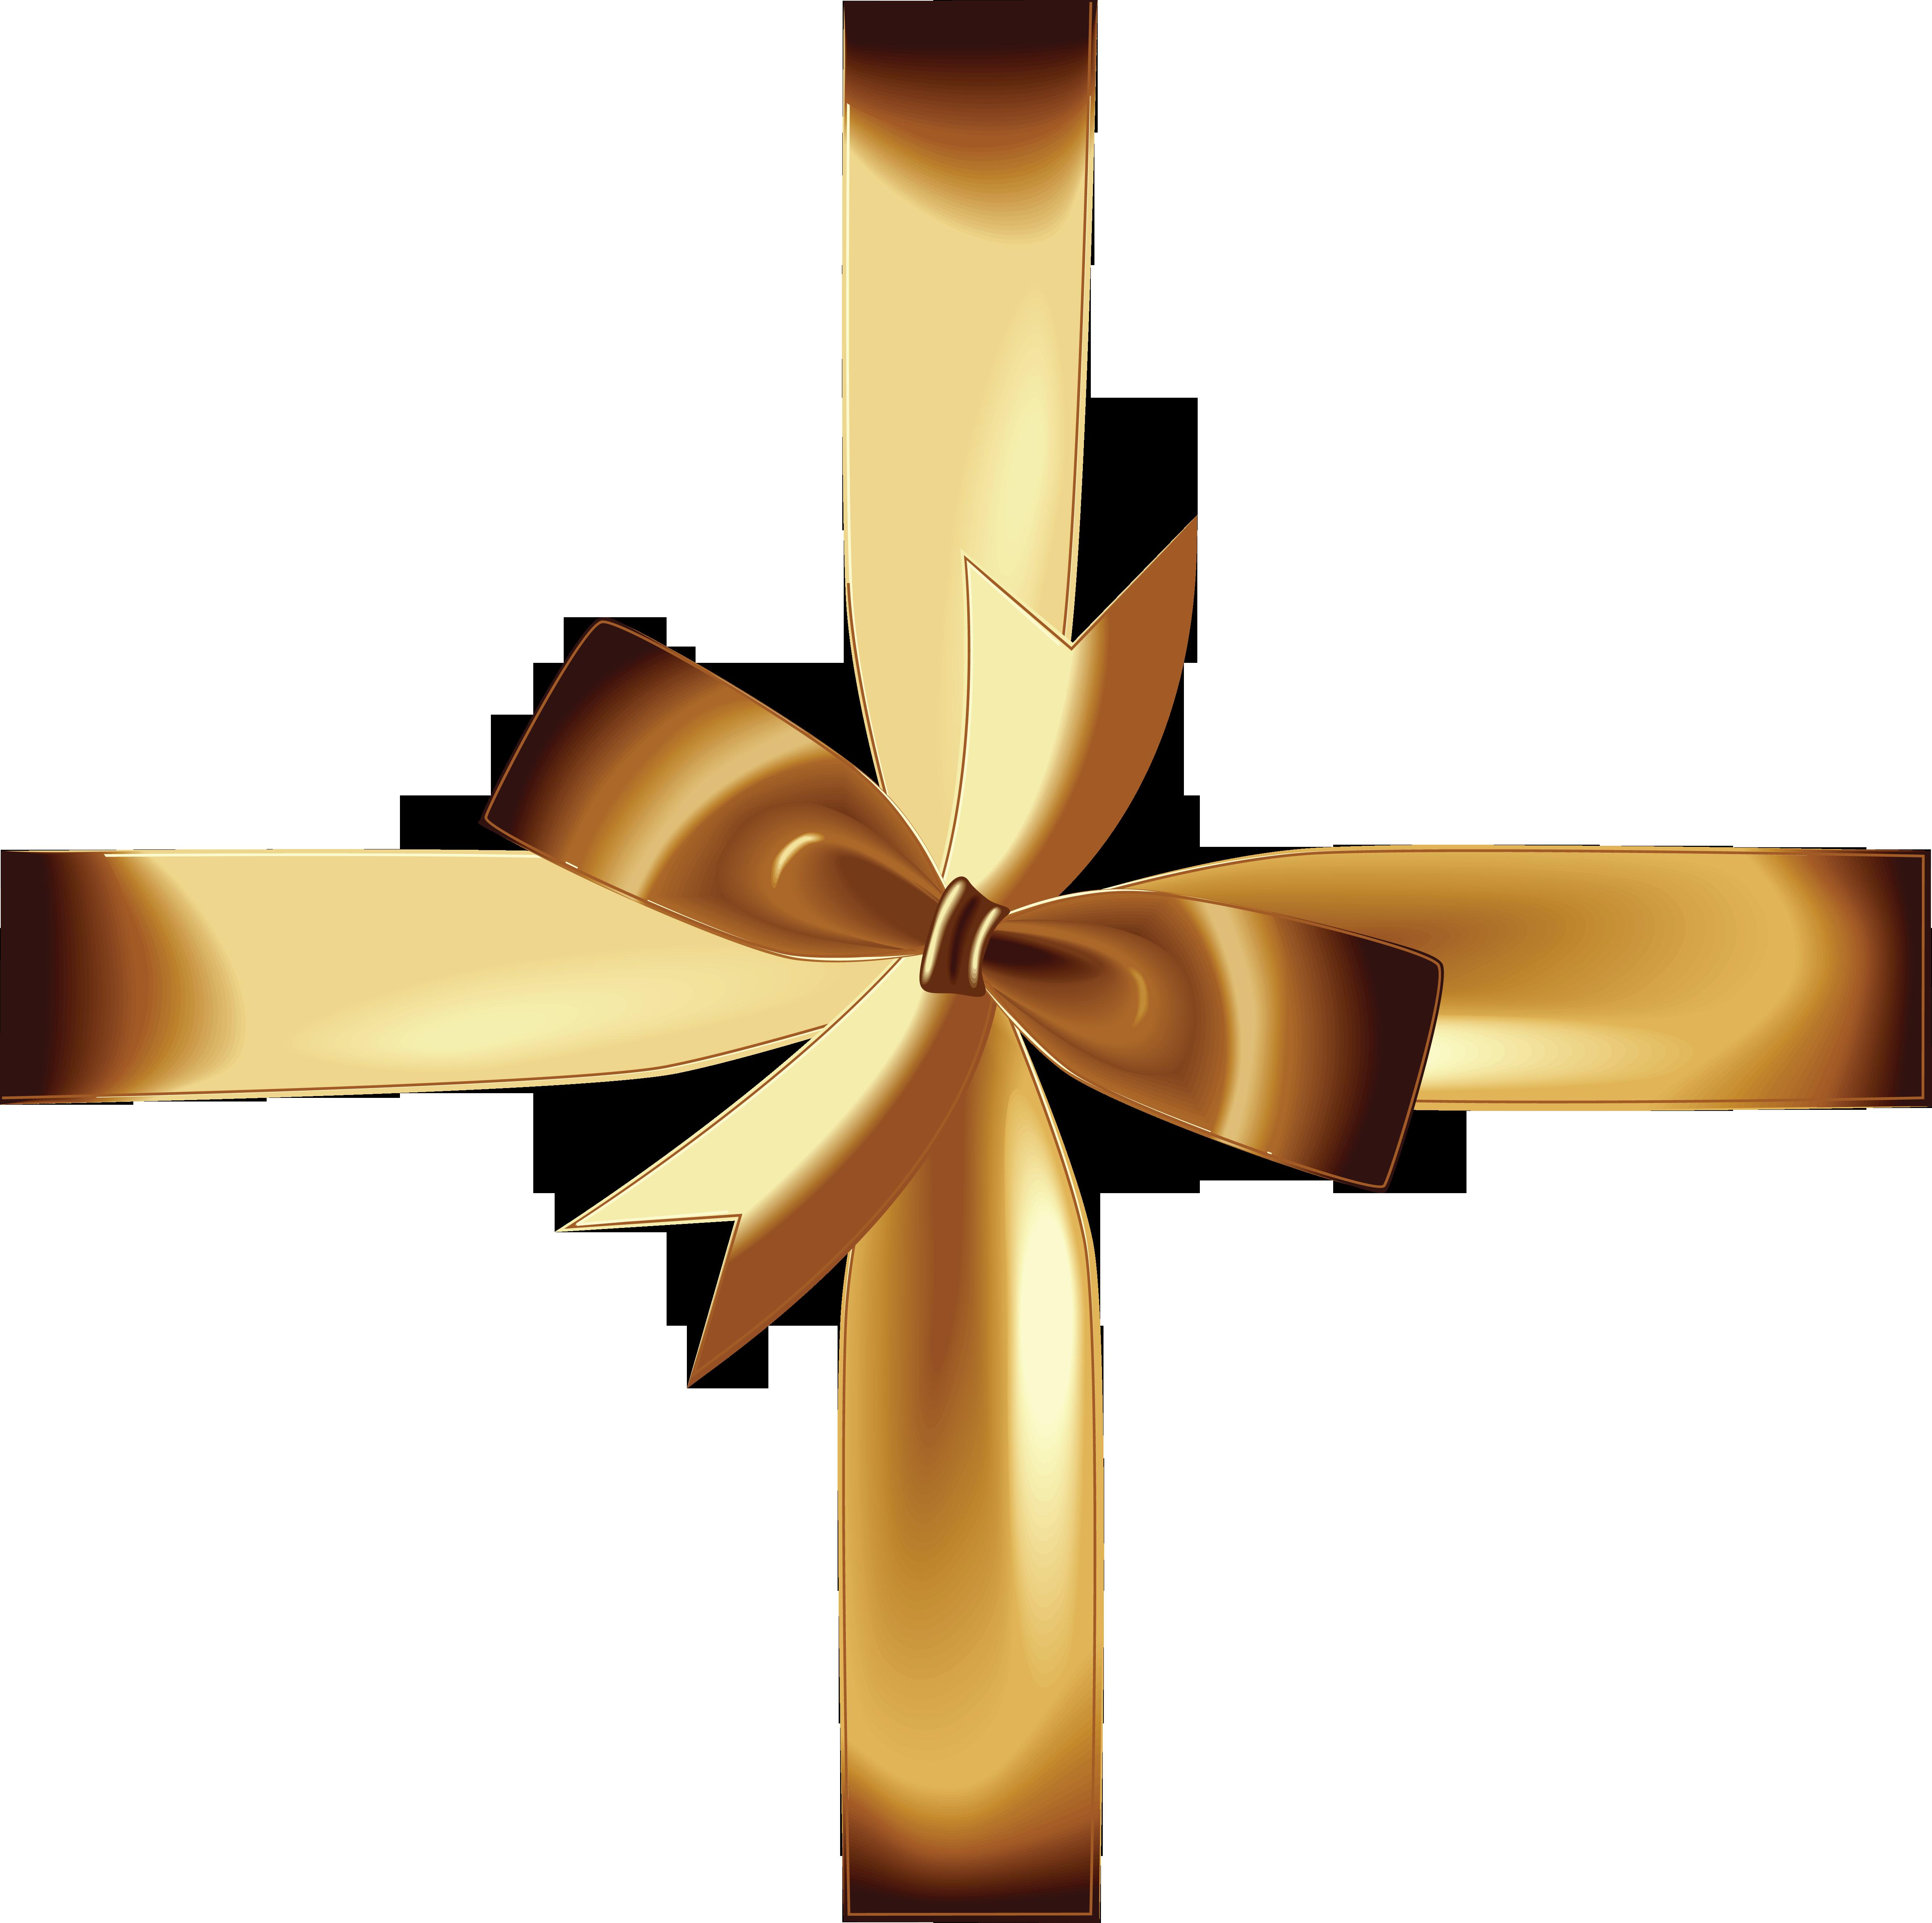 Ͽ� Ͽ� Ͽ� Ͽ� Ͽ� Ͽ� Ͽ� Ͽ� Ͽ� Ͽ� Ͽ� Ͽ� Ͽ� Ͽ� Ͽ� Ͽ� Ͽ� Ͽ� Ͽ� Ͽ� Ͽ� Ͽ� Ͽ� Ͽ� Ͽ� Ͽ� Ͽ� Ͽ� Ͽ� Ͽ� Ͽ� Ͽ� Ͽ� Ͽ� Ͽ� Ͽ� Ͽ� Ͽ� Ͽ� Ͽ� Ͽ� Ͽ� Ͽ� Ͽ� Ͽ� Ͽ� Ͽ� Ͽ� Ͽ� Png: Bow PNG Images Free Download, Bow PNG